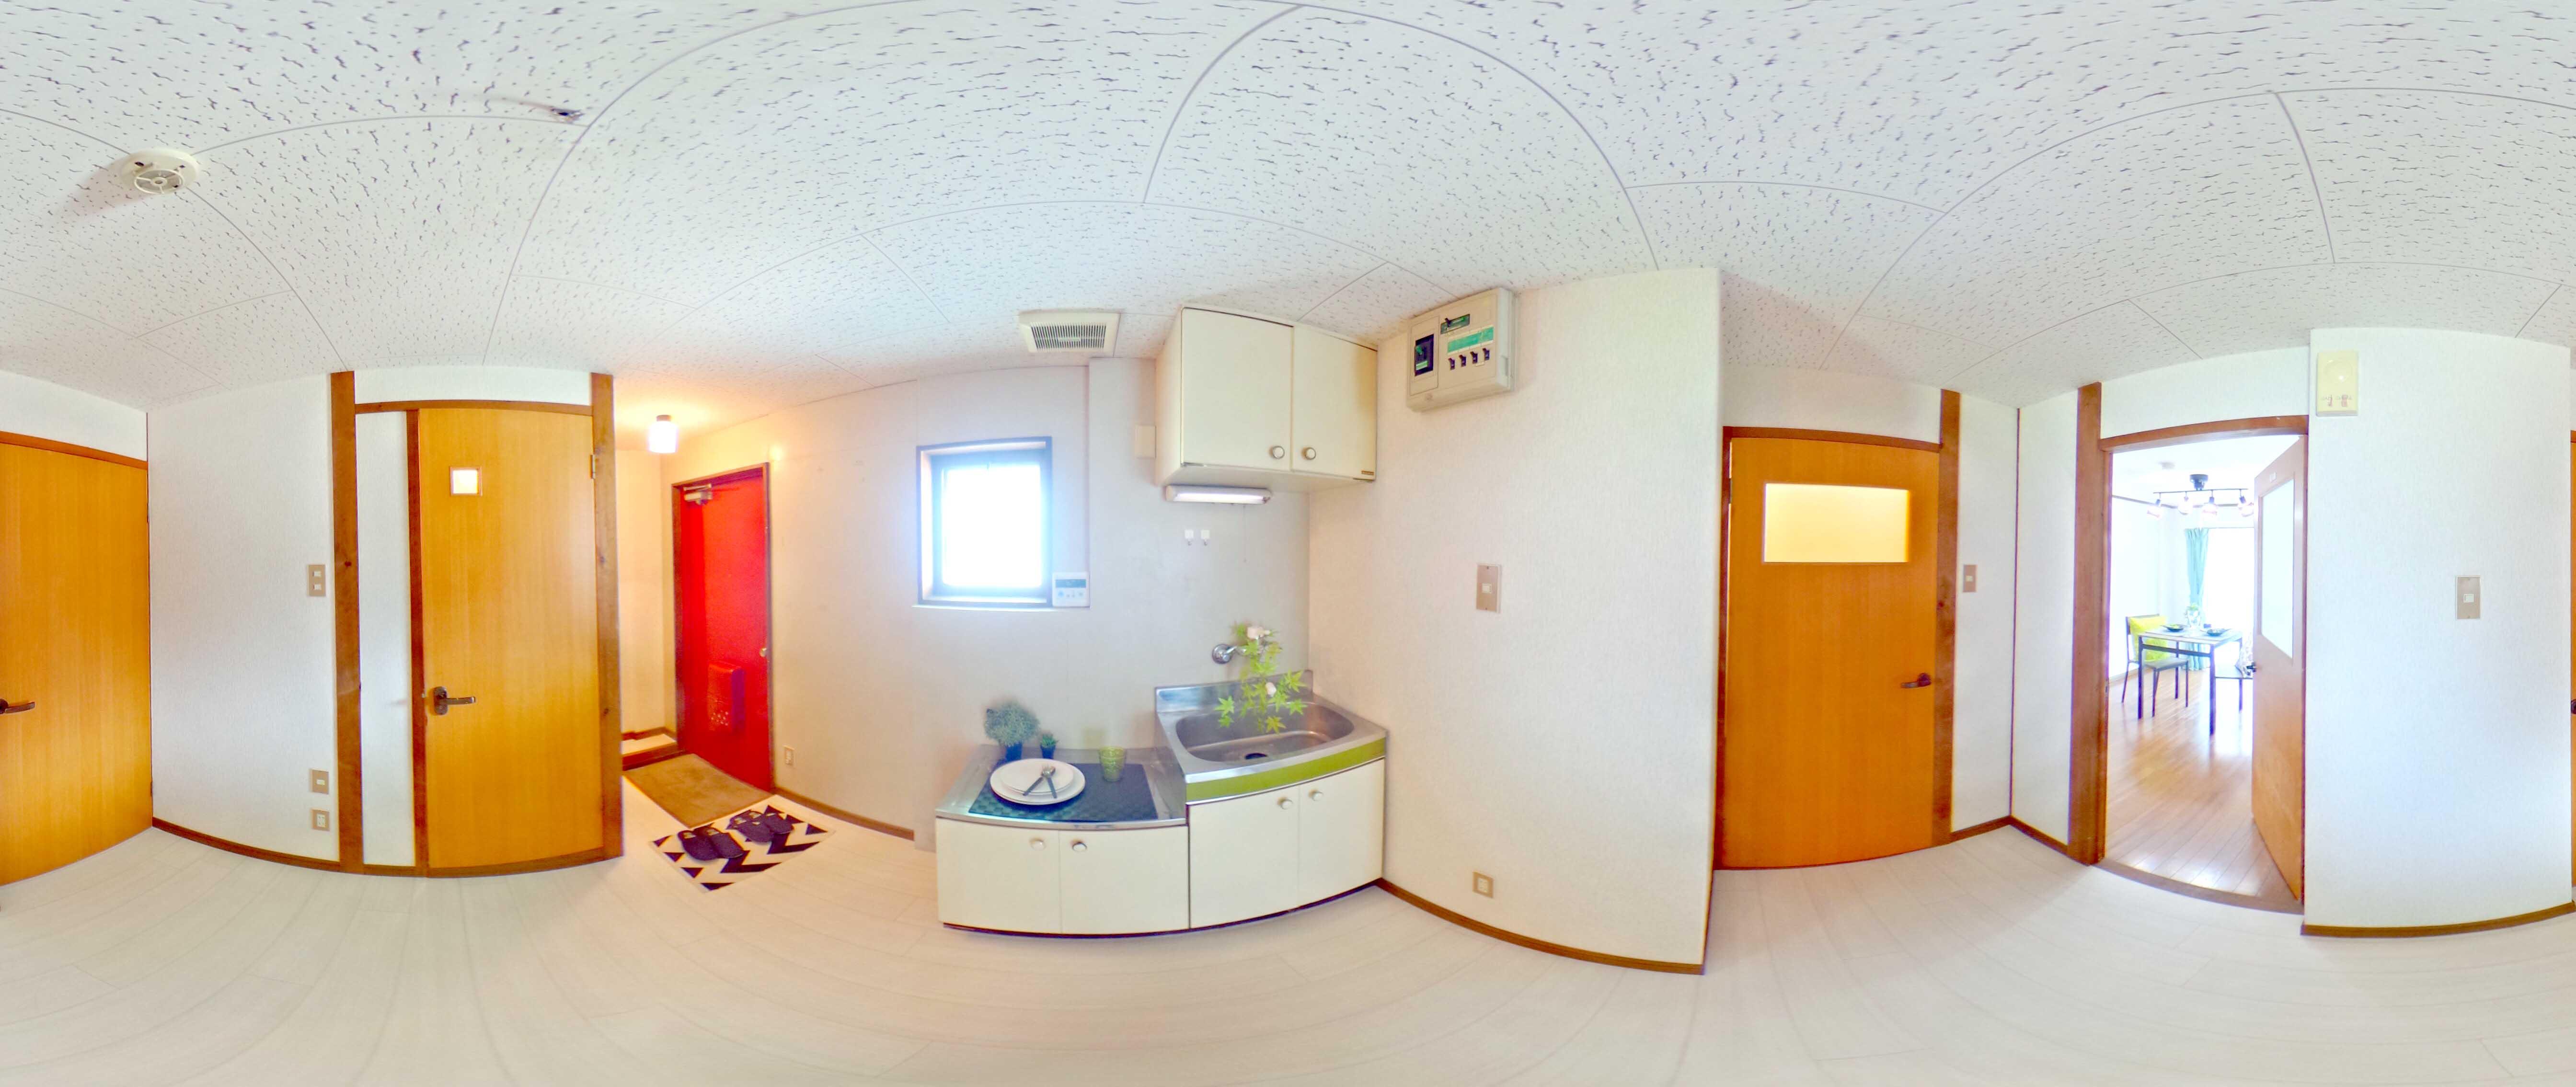 ホームステイジング :360度カメラ